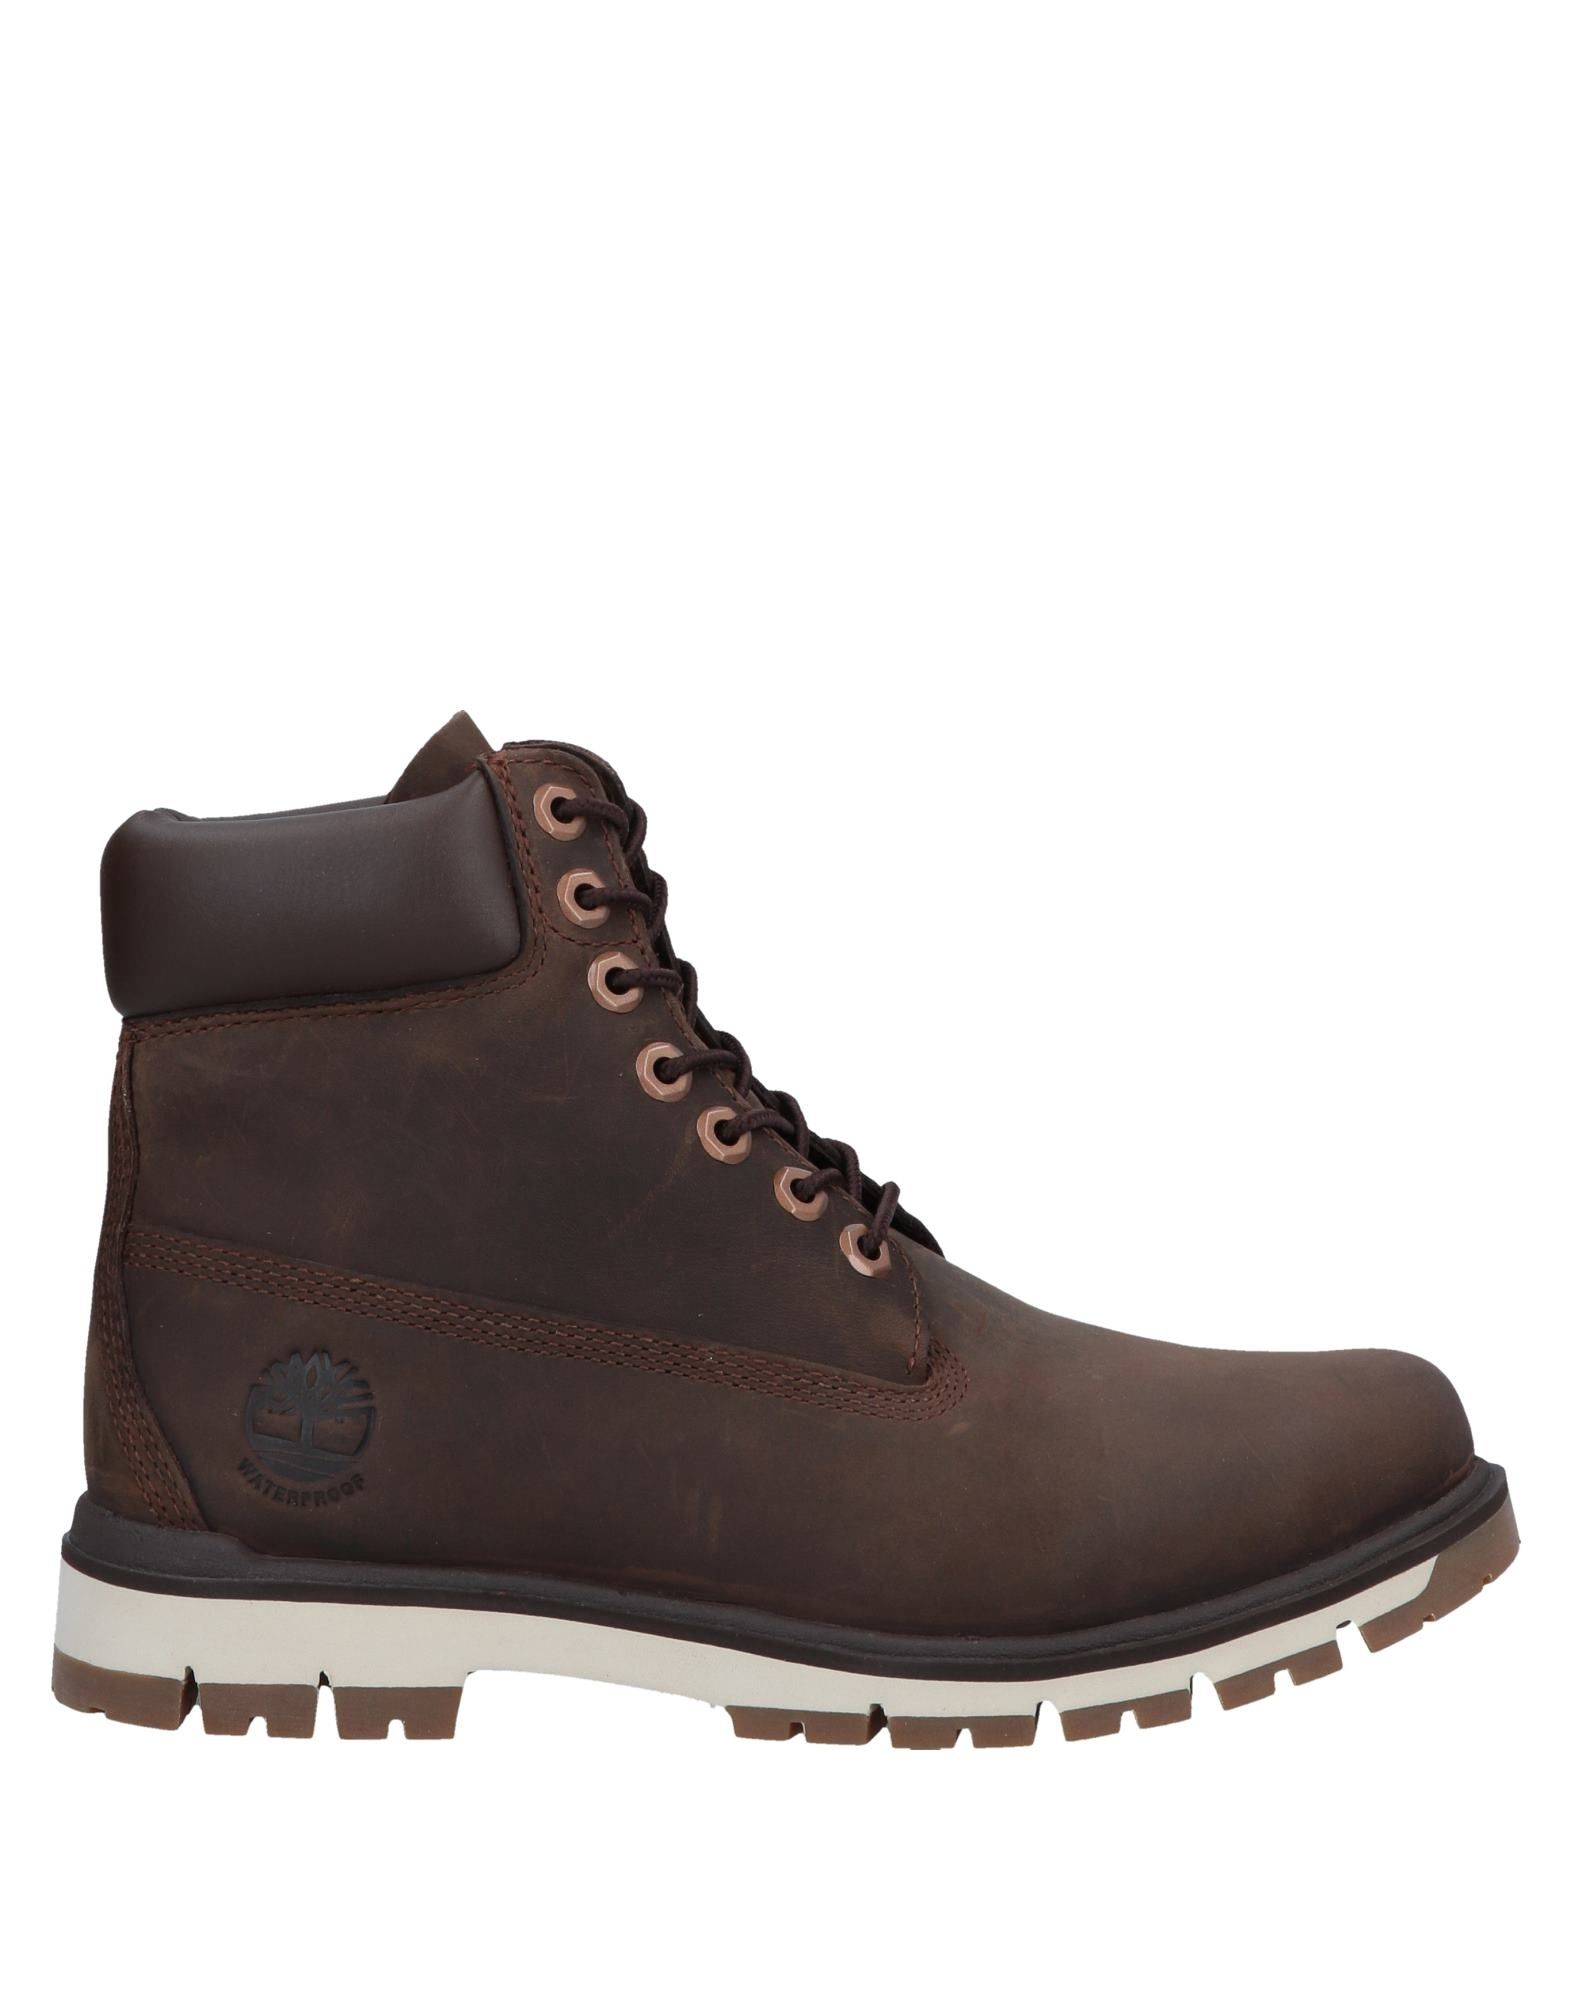 TIMBERLAND Полусапоги и высокие ботинки ботинки женские timberland leavitt wtp boot цвет черный tbla1gukw размер 6 36